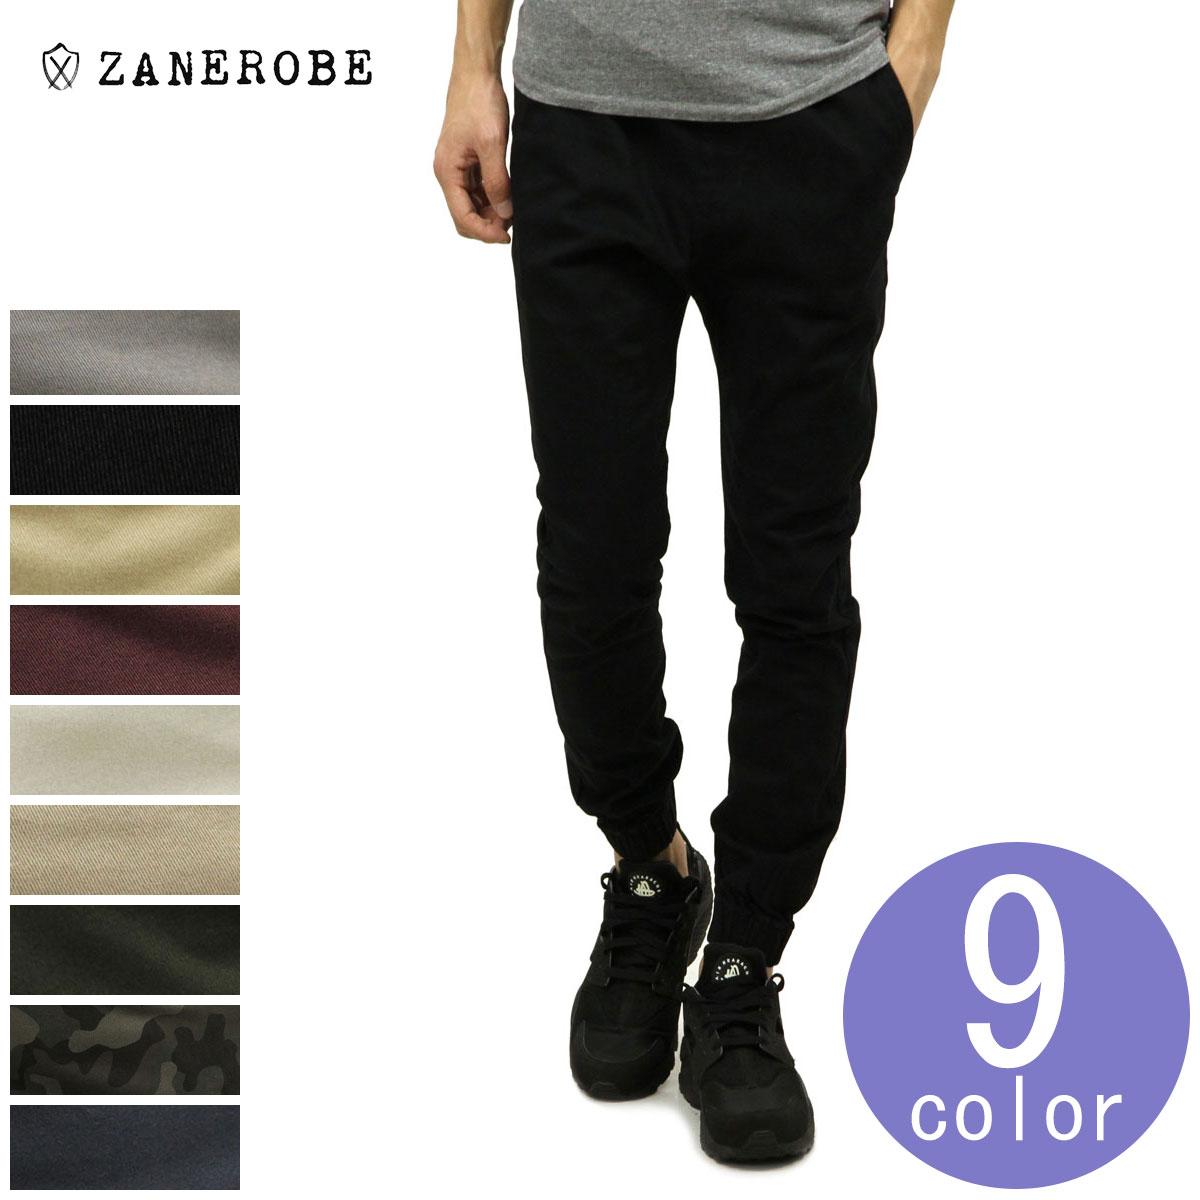 ゼンローブ ZANEROBE 正規販売店 メンズ ジョガーパンツ SURESHOT CHINO JOGGER